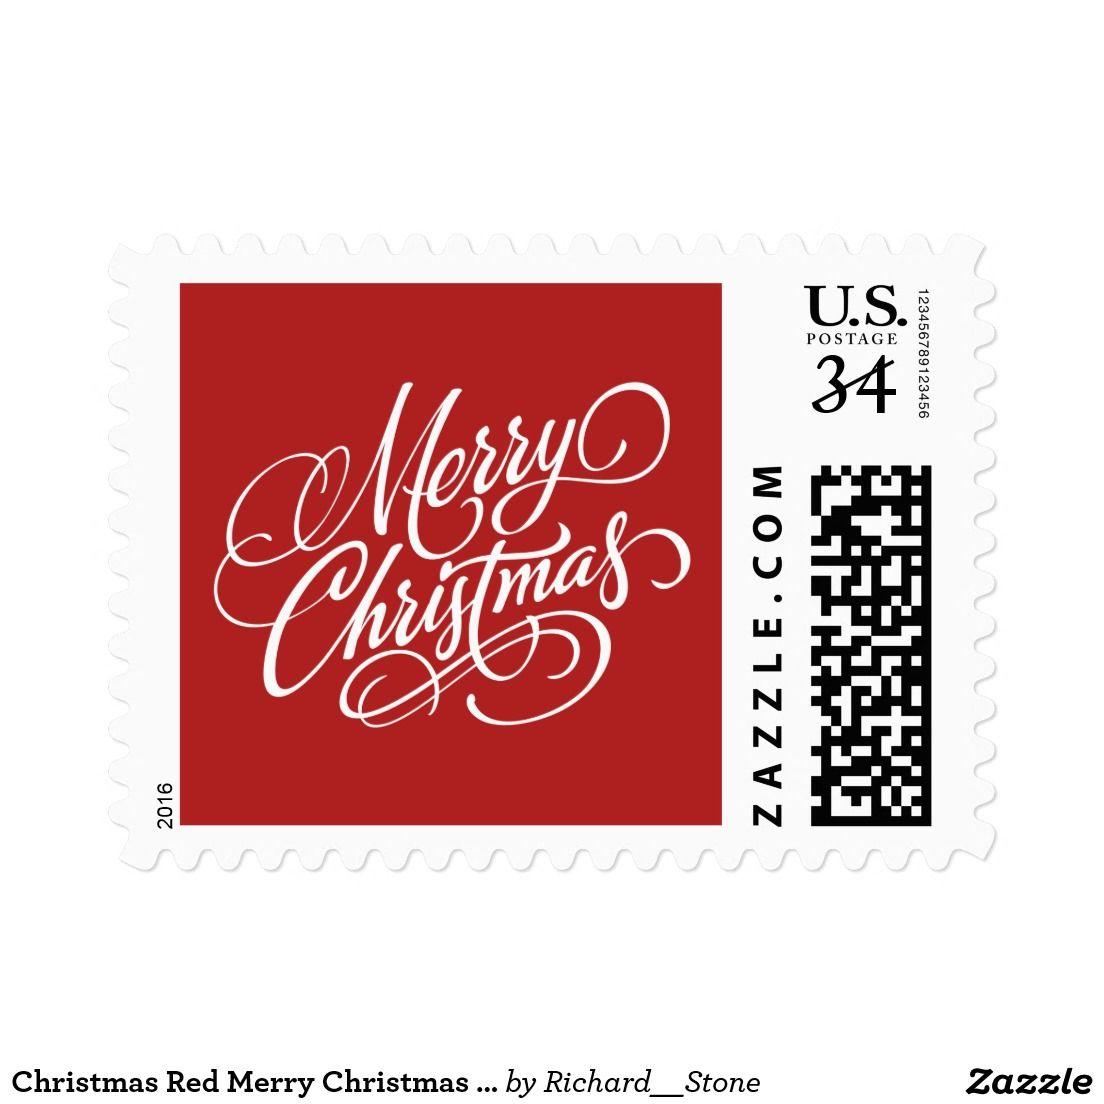 Christmas Red Merry Christmas Postage Stamp | Christmas Postage ...